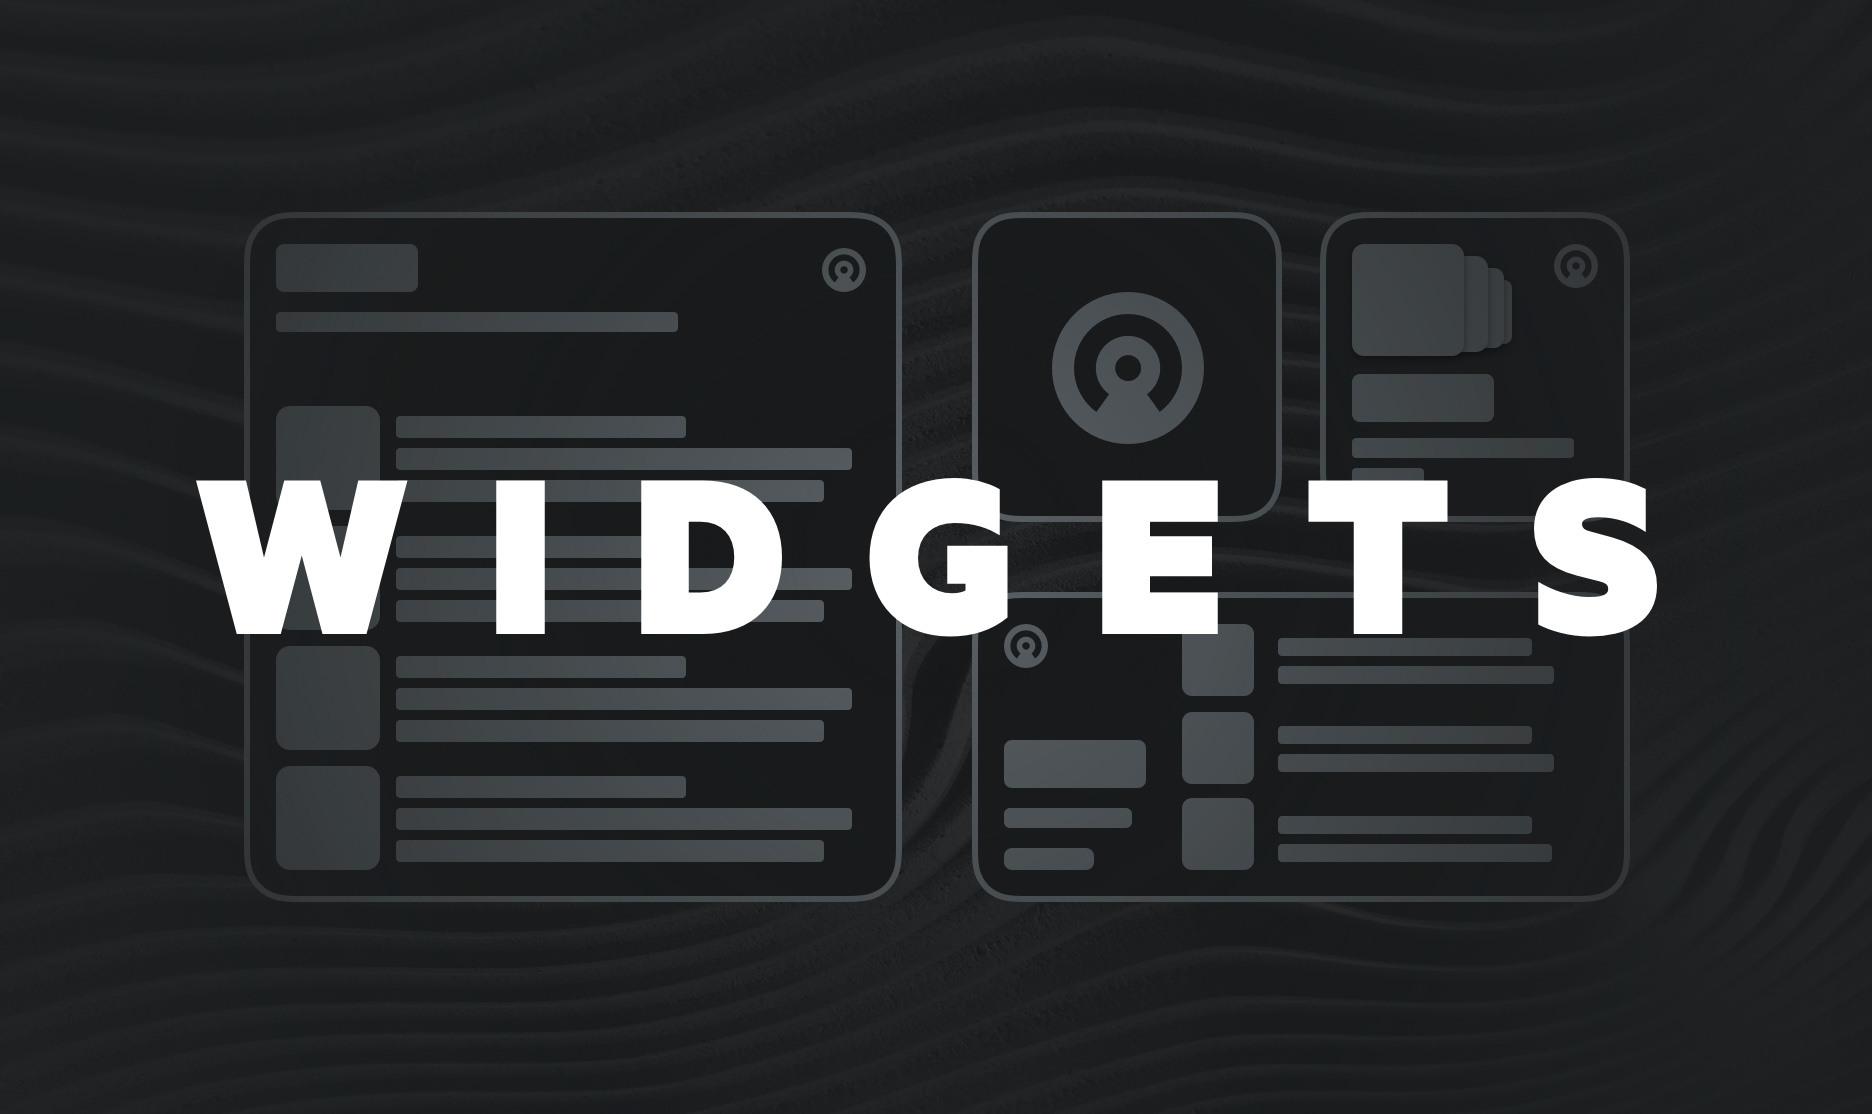 Queue Widgets image